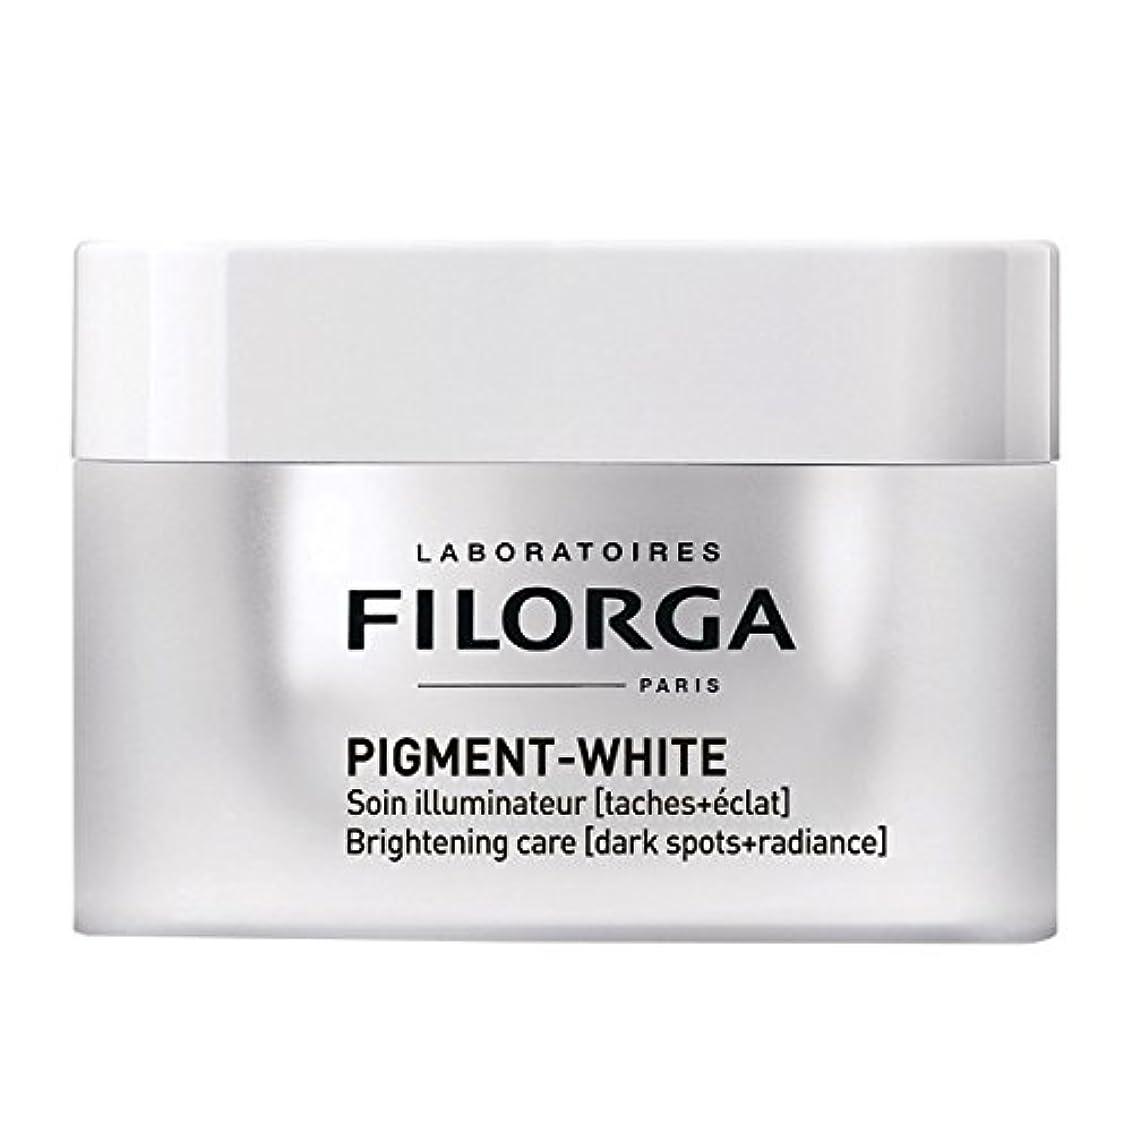 和解する掘る八百屋さんFilorga Pigment-white 50ml [並行輸入品]